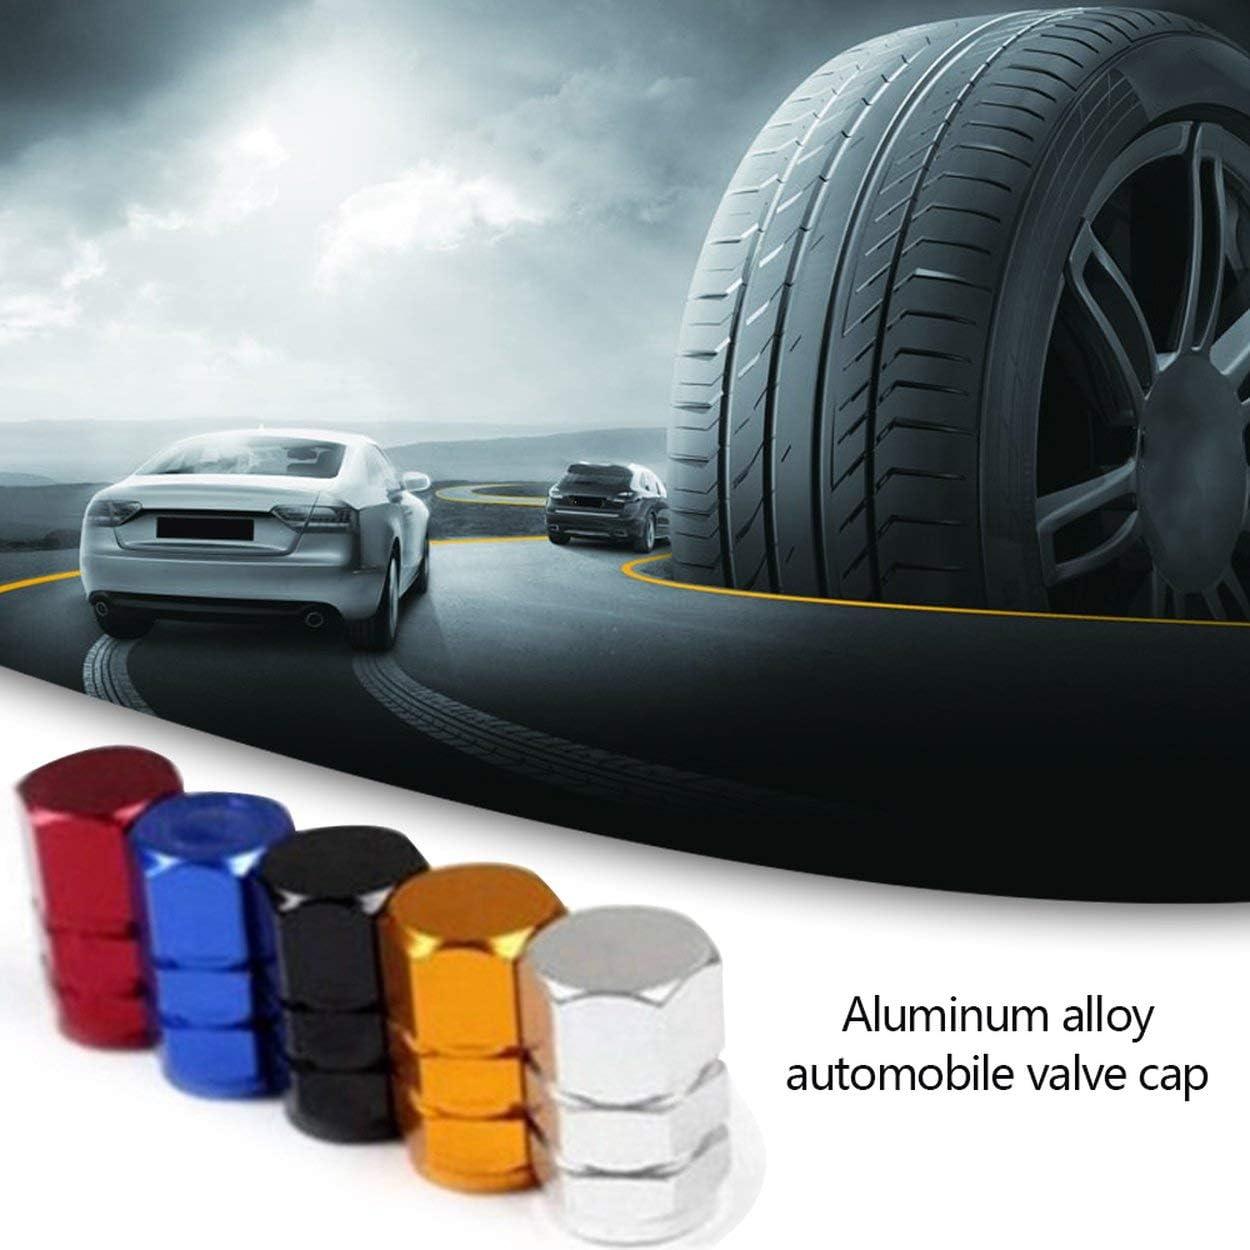 Lorenlli 4Pcs//Set Allumium Alloy Tire Valve Cap Automobiles Dust Proof Wheel Valve Caps Auto Decorative Accessories